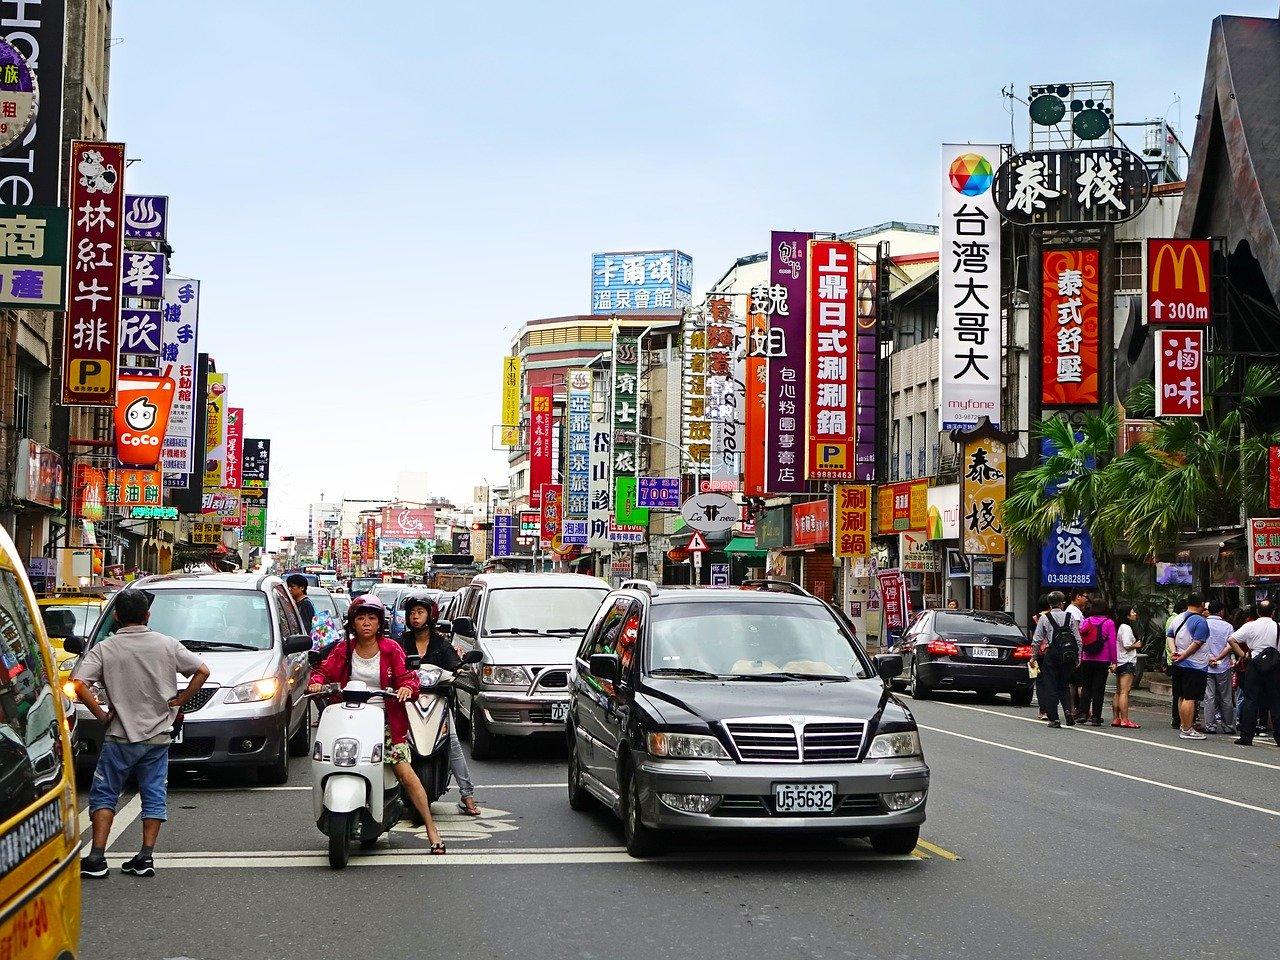 Koronavirus: teh ukrepov so se poslužila kitajska podjetja